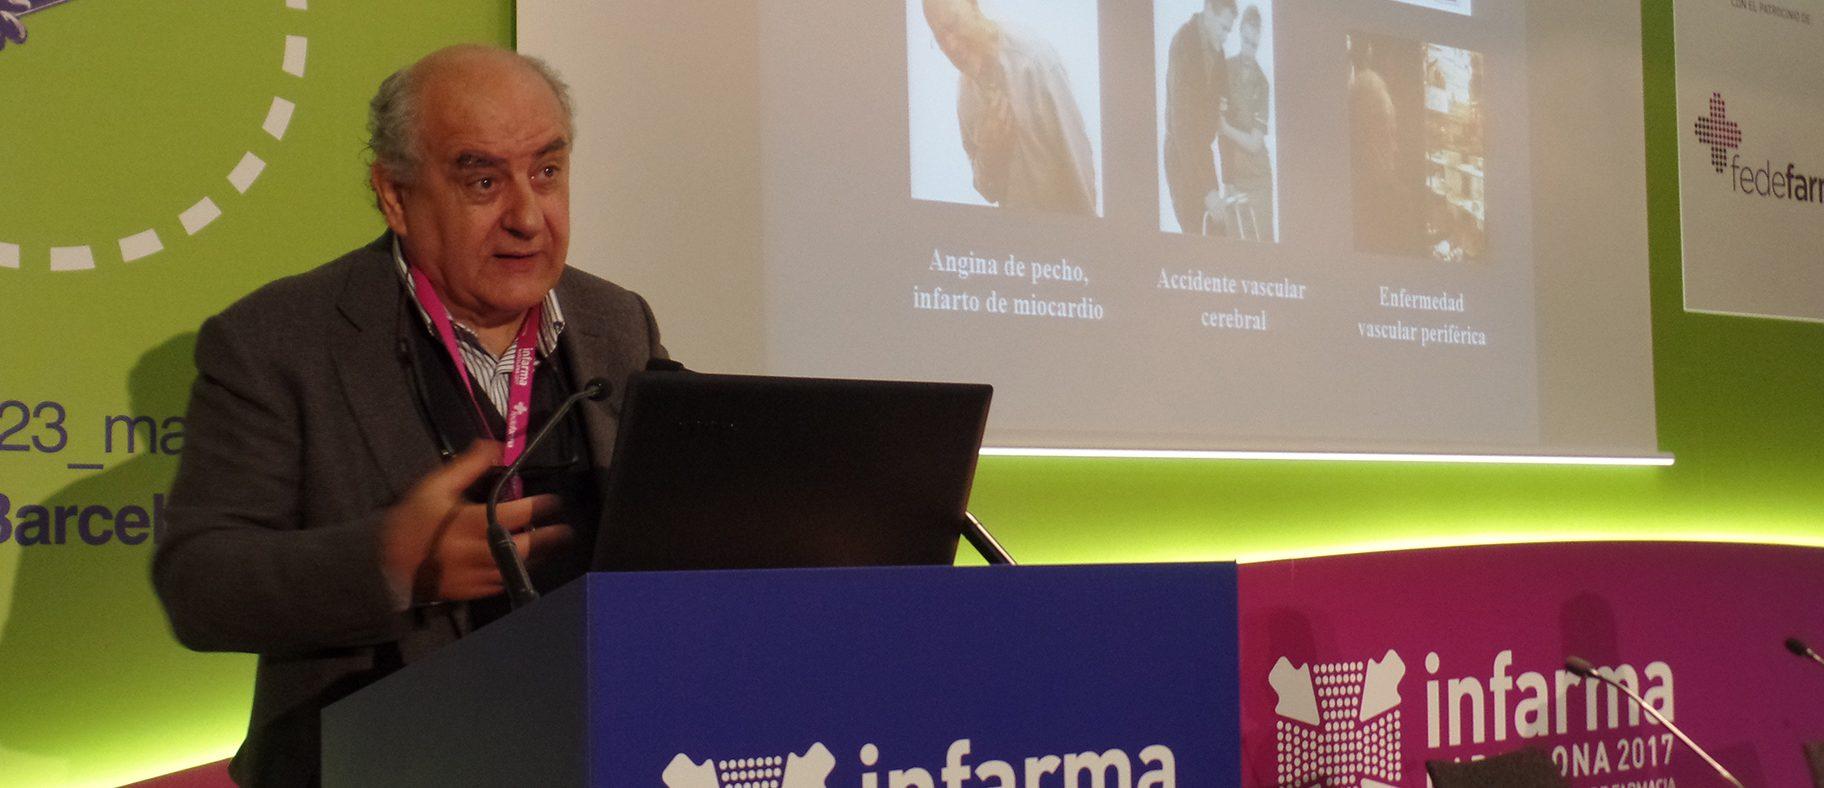 """Conferencia a Infarma a cargo del Dr. Josep Brugada, uno de los impulsores del proyecto """"España, territorio cardioprotegido"""""""